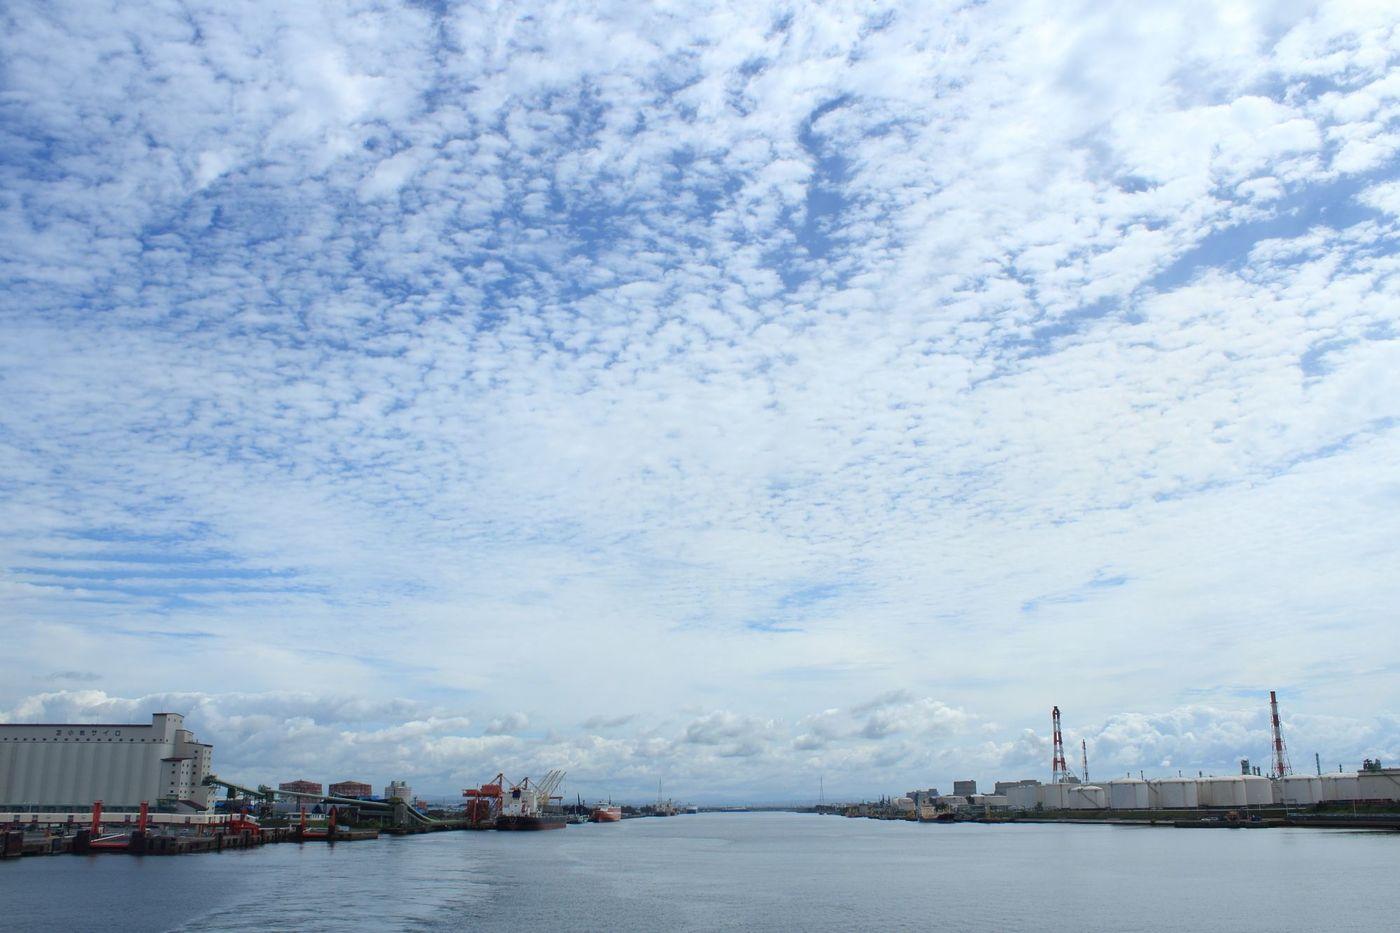 カーフェリーで北海道へ!賢く移動するなら20周年を迎える「商船三井フェリー」がおすすめの画像